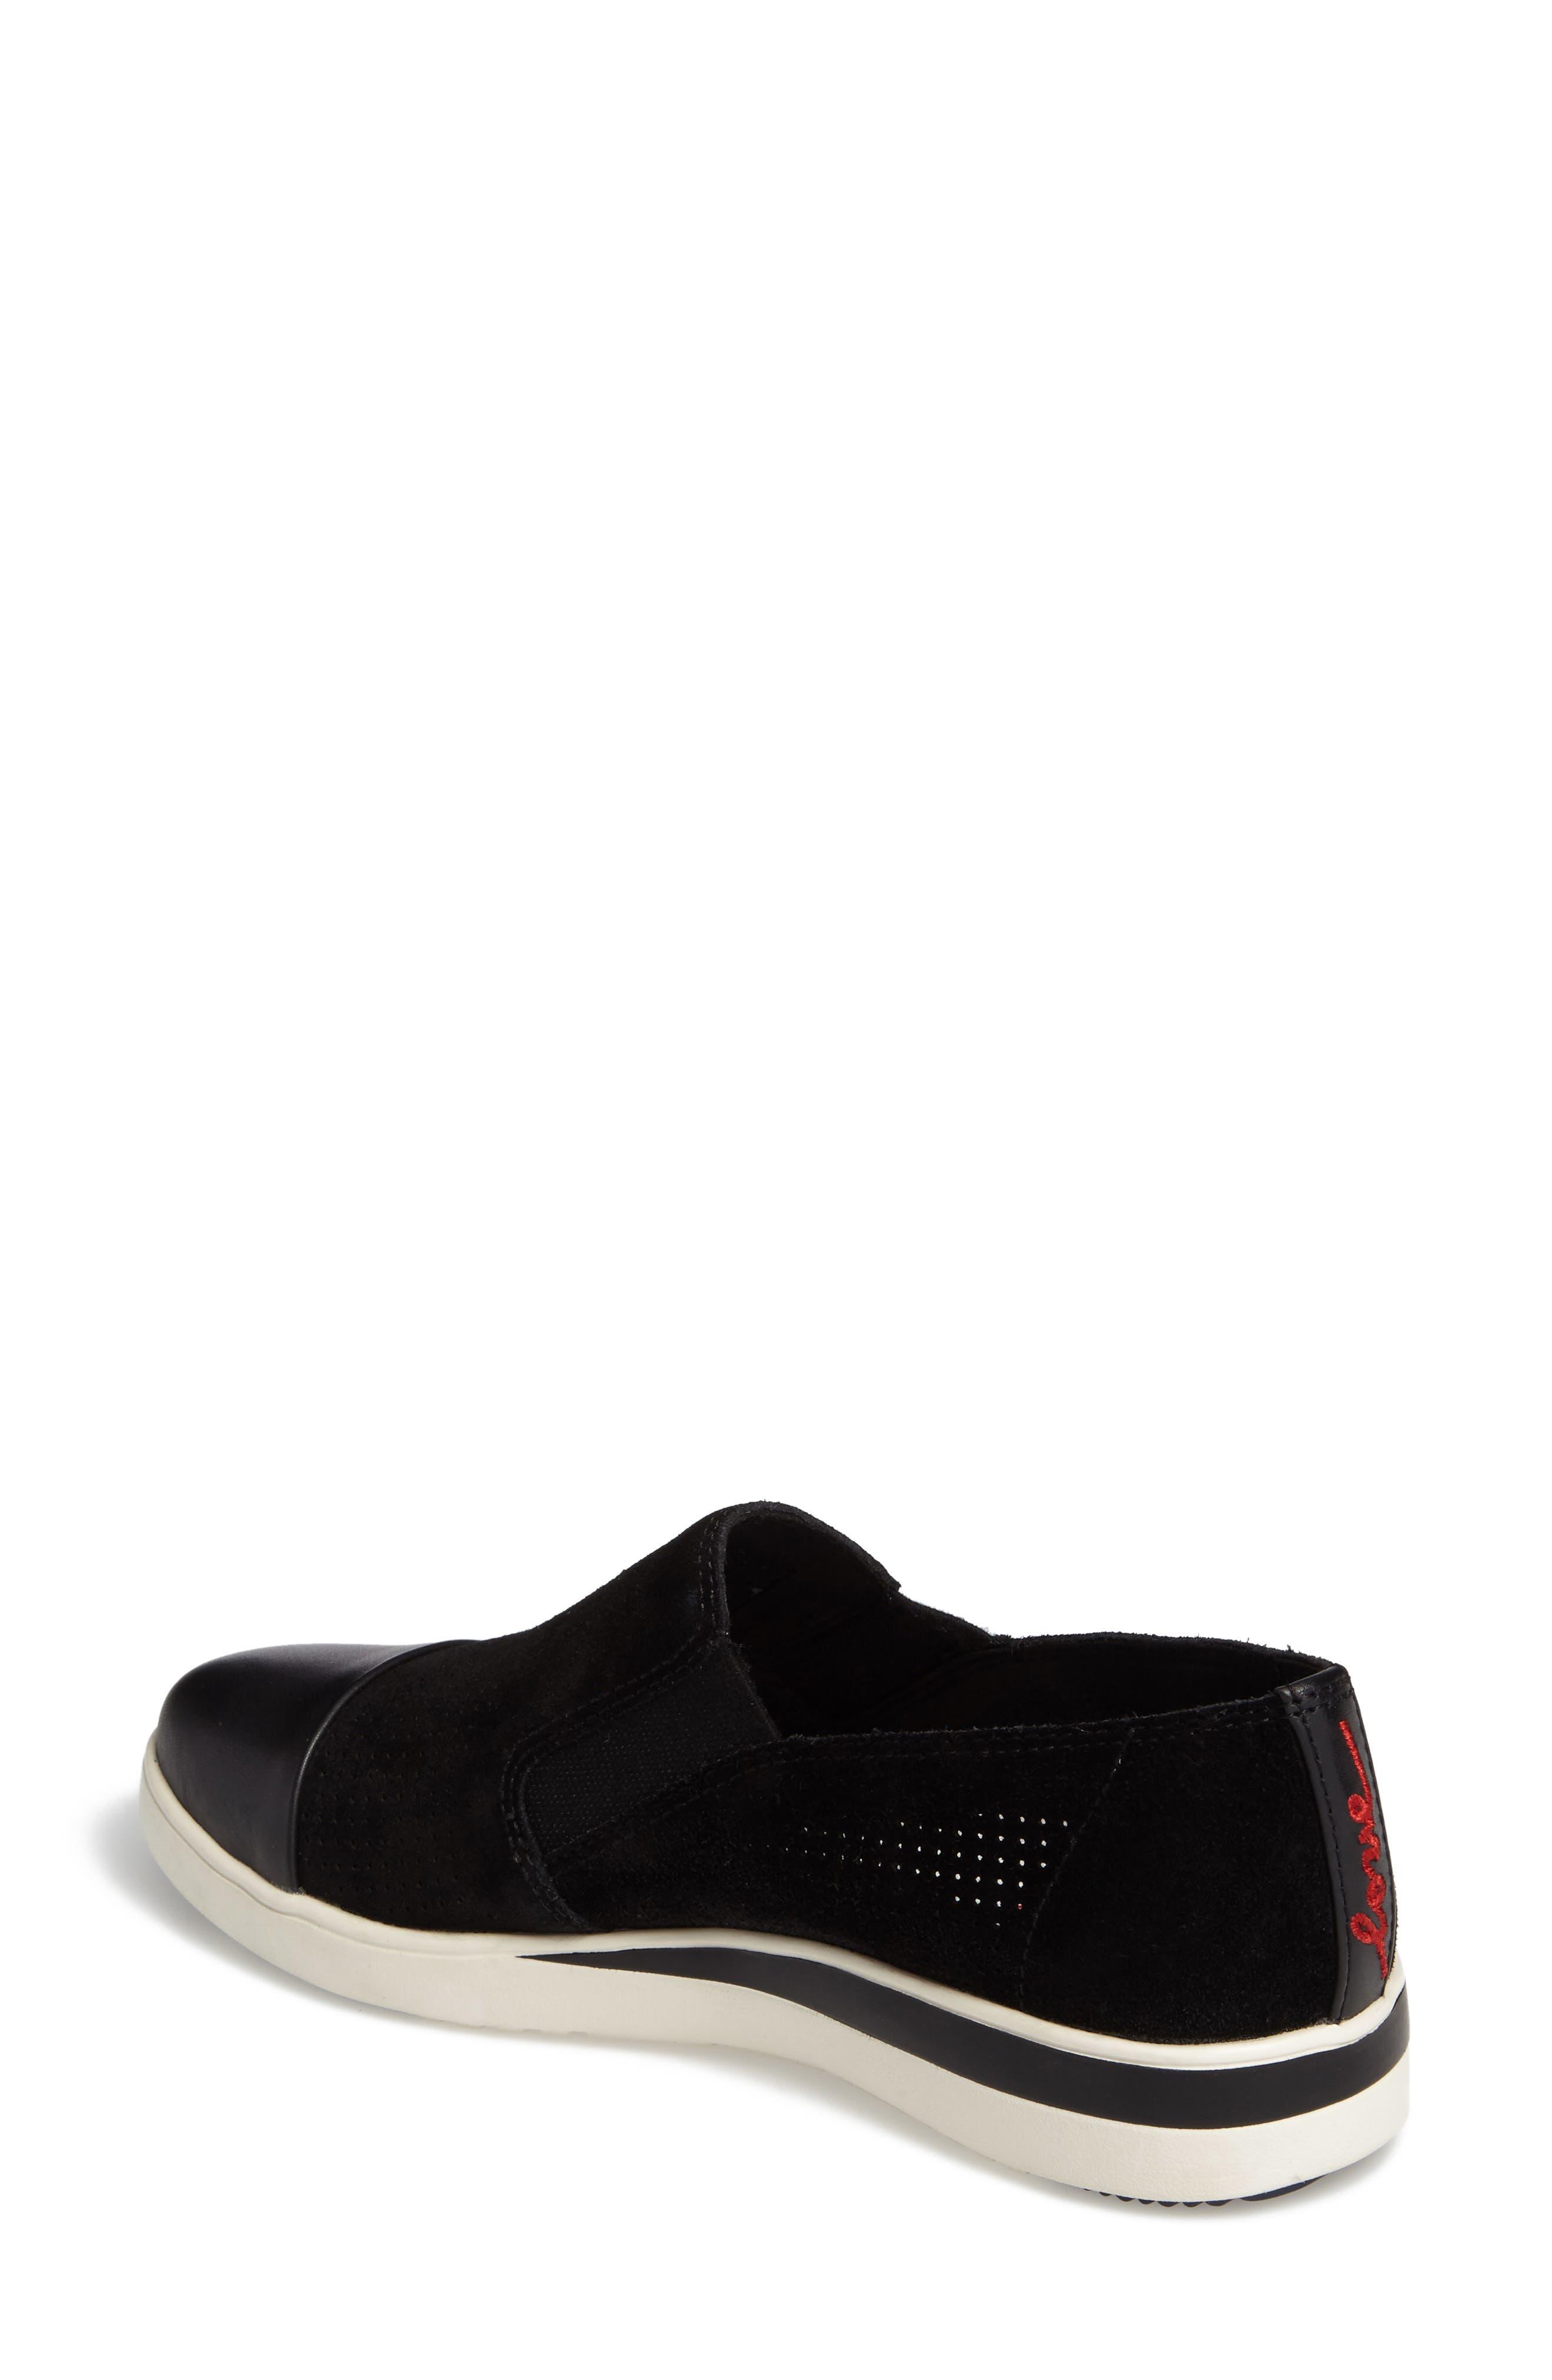 Aviana Cap Toe Slip-On Sneaker,                             Alternate thumbnail 2, color,                             002